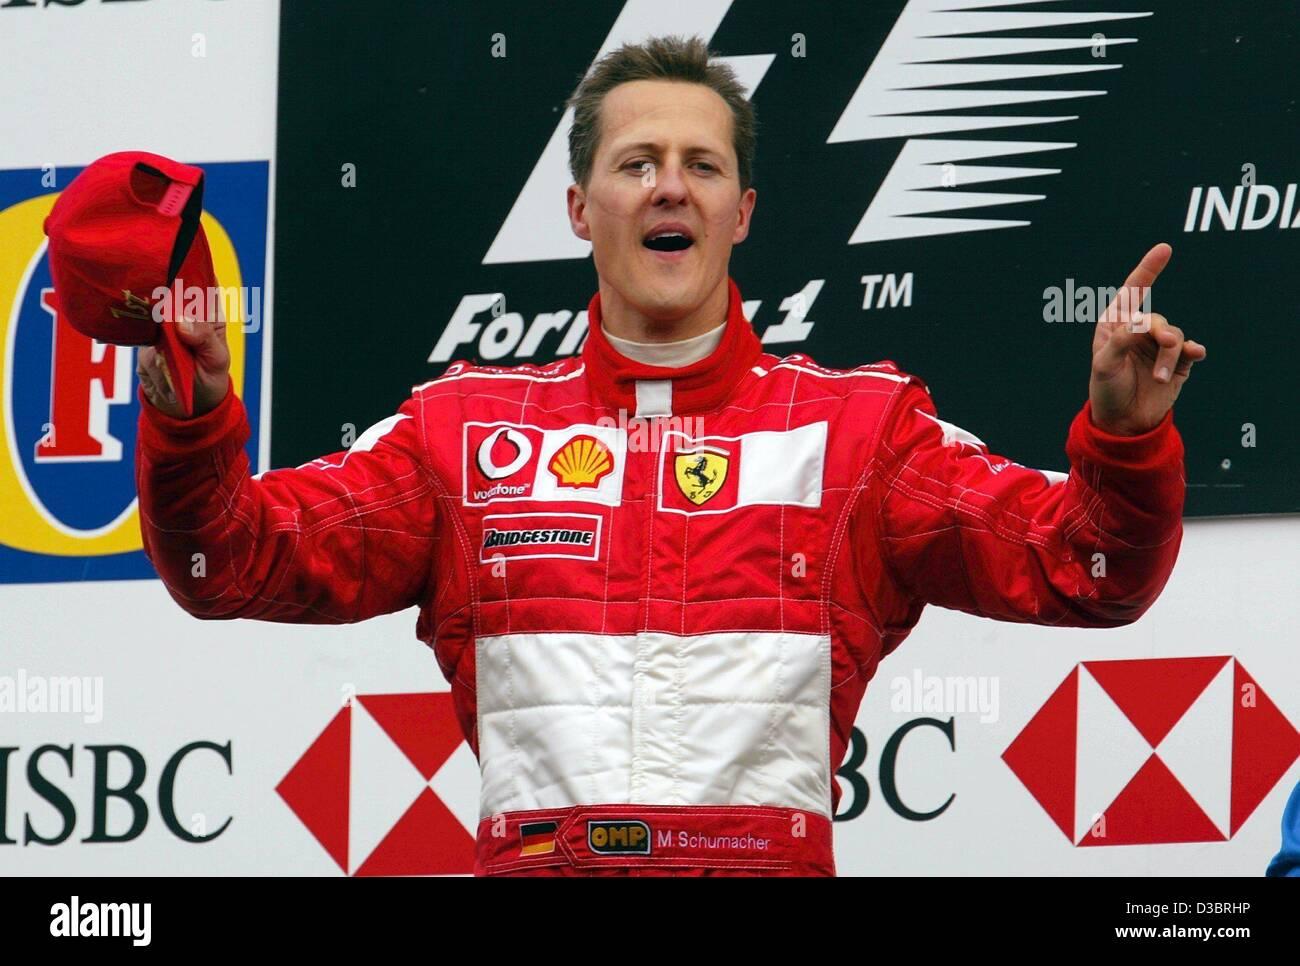 Weltmeister Schumacher